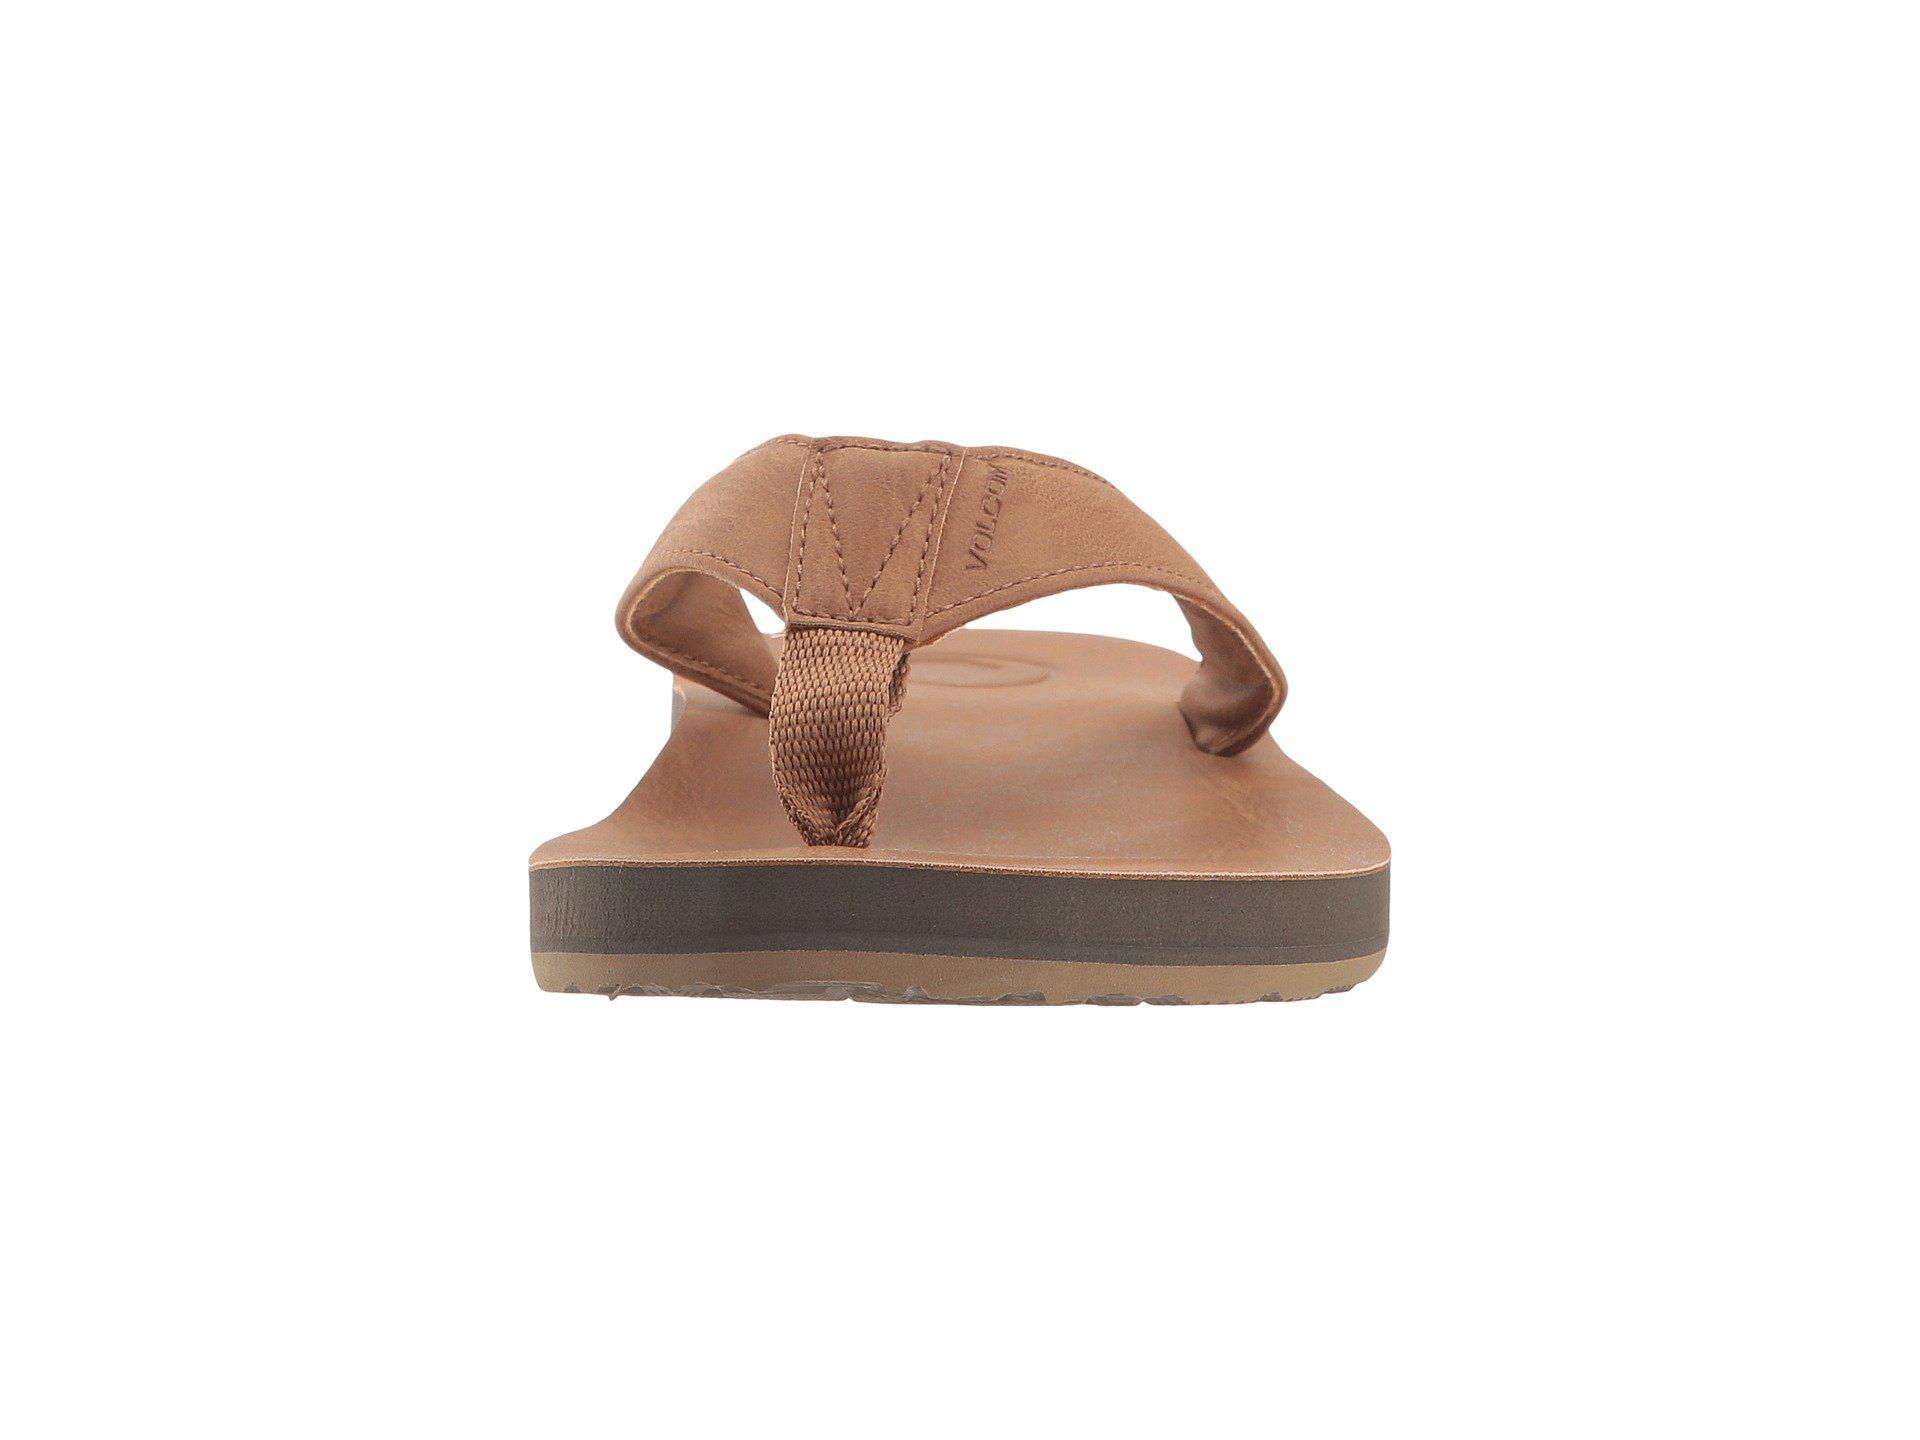 finest selection c1692 1e564 volcom-Khaki-Fathom-Sandal-black-Mens-Shoes.jpeg